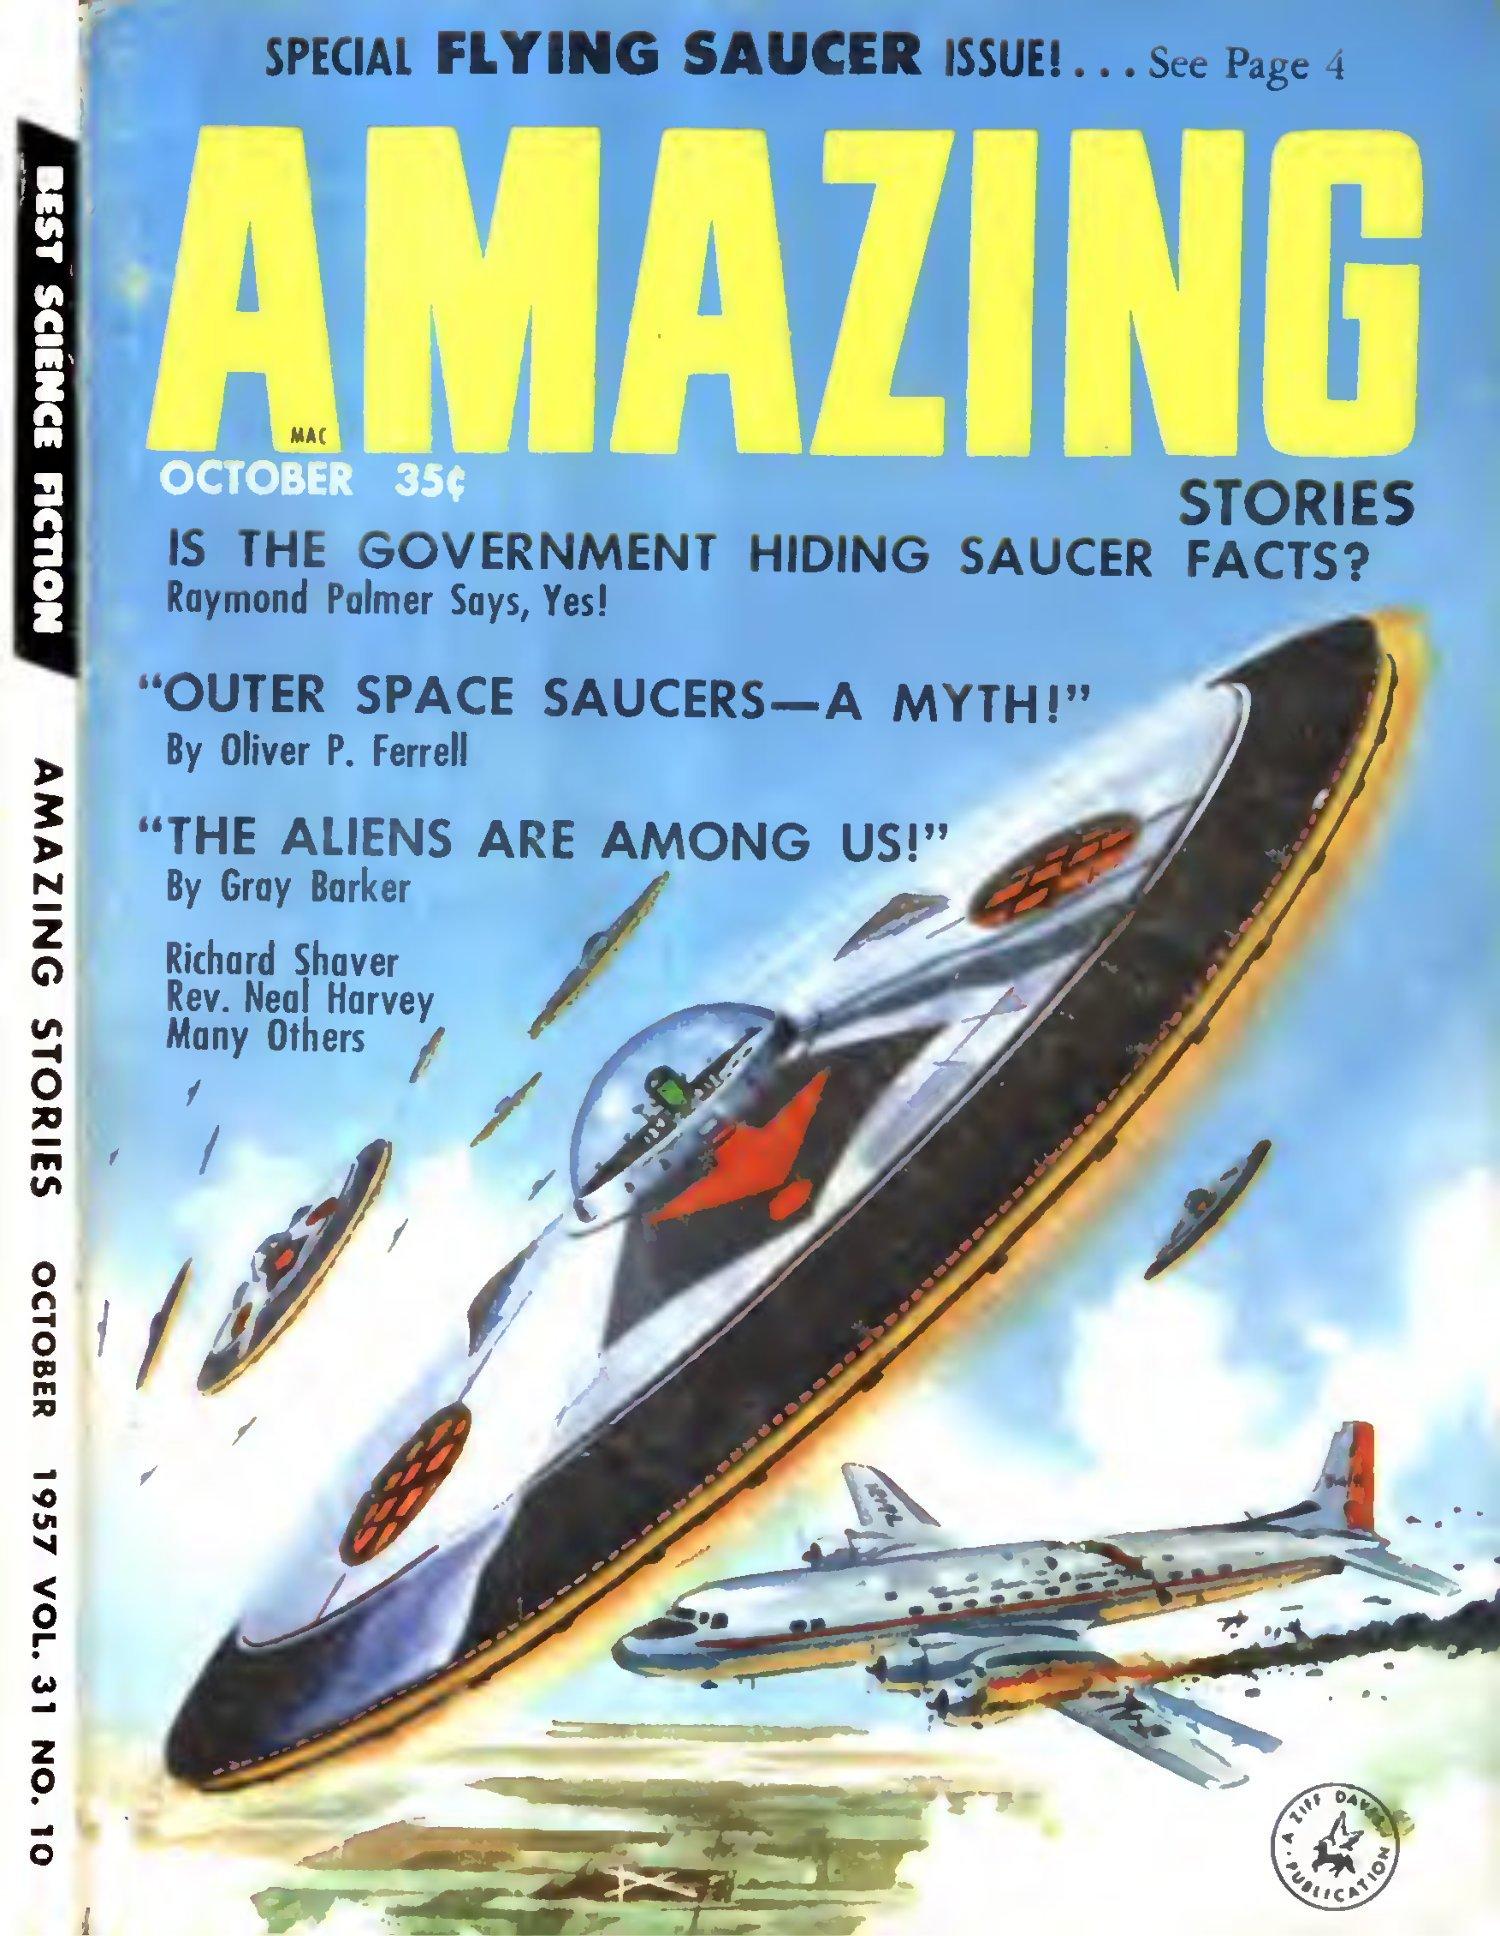 Portada SPECIAL Platillos Volantes, Amazing Stories Octubre  de1957.https://ia801609.us.archive.org/12/items/Amazing_Stories_v31n10_1957-10_cape1736/Amazing_Stories_v31n10_1957-10_cape1736.pdf